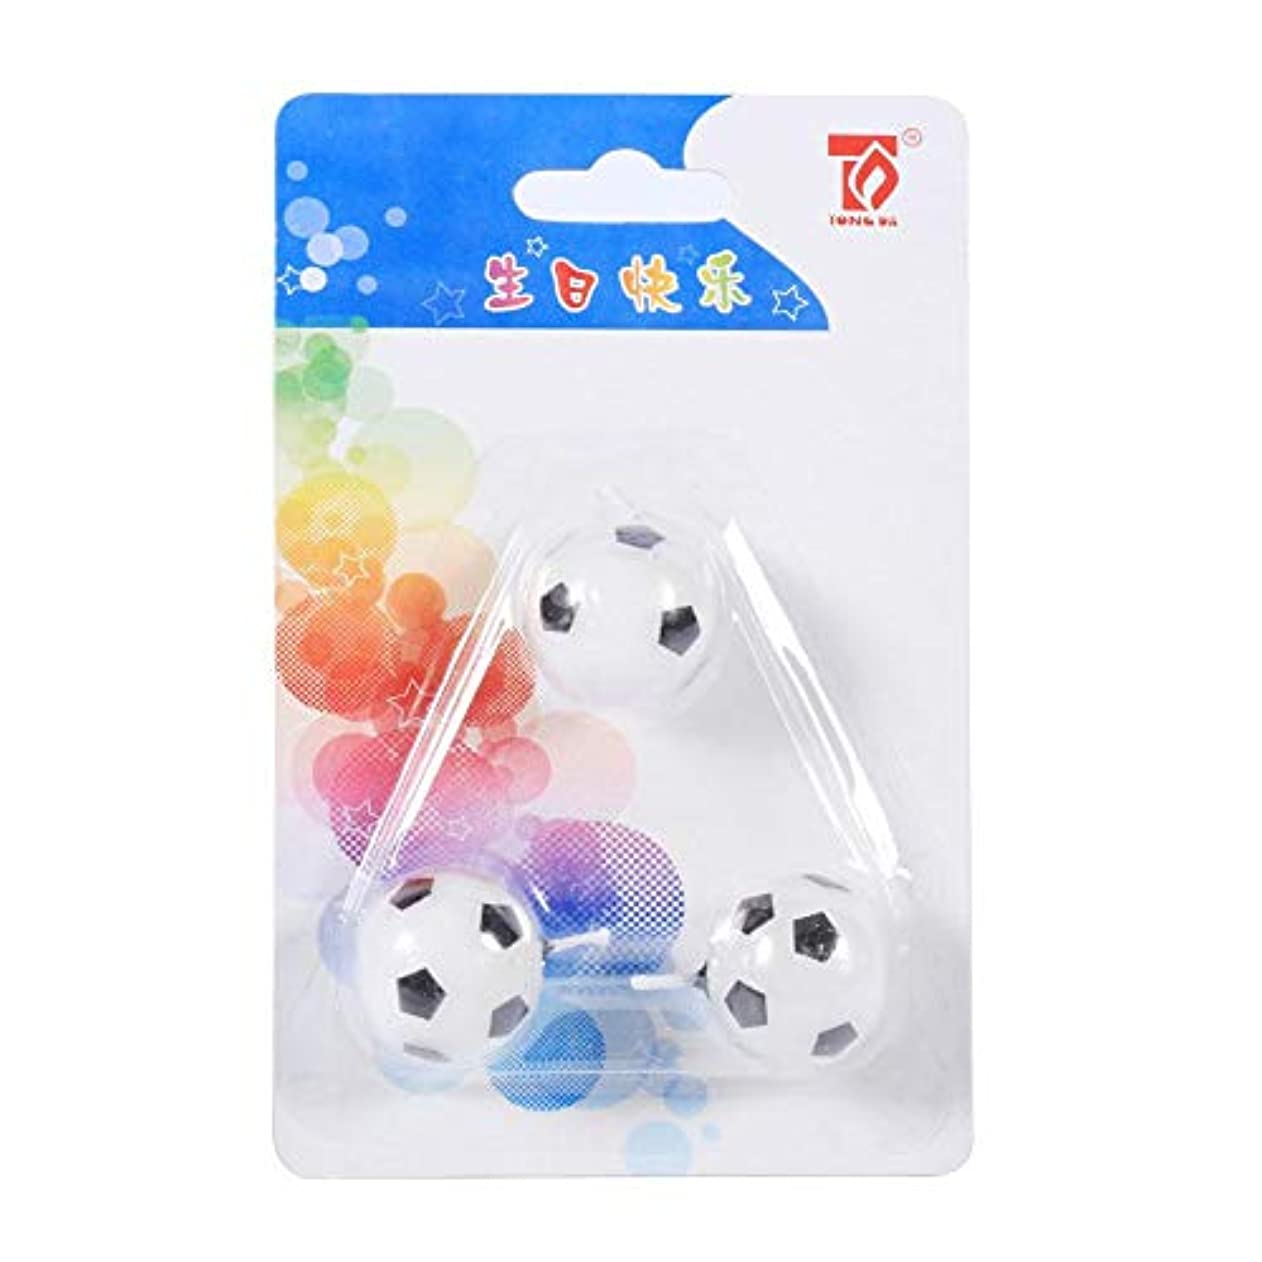 贅沢パッド有用Eboxer キャンドル サッカーボールキャンドル キャンドル誕生日 子供向 3個入 サッカーボールの形 誕生日 パーティケーキのキャンドル 飾り物 可愛い